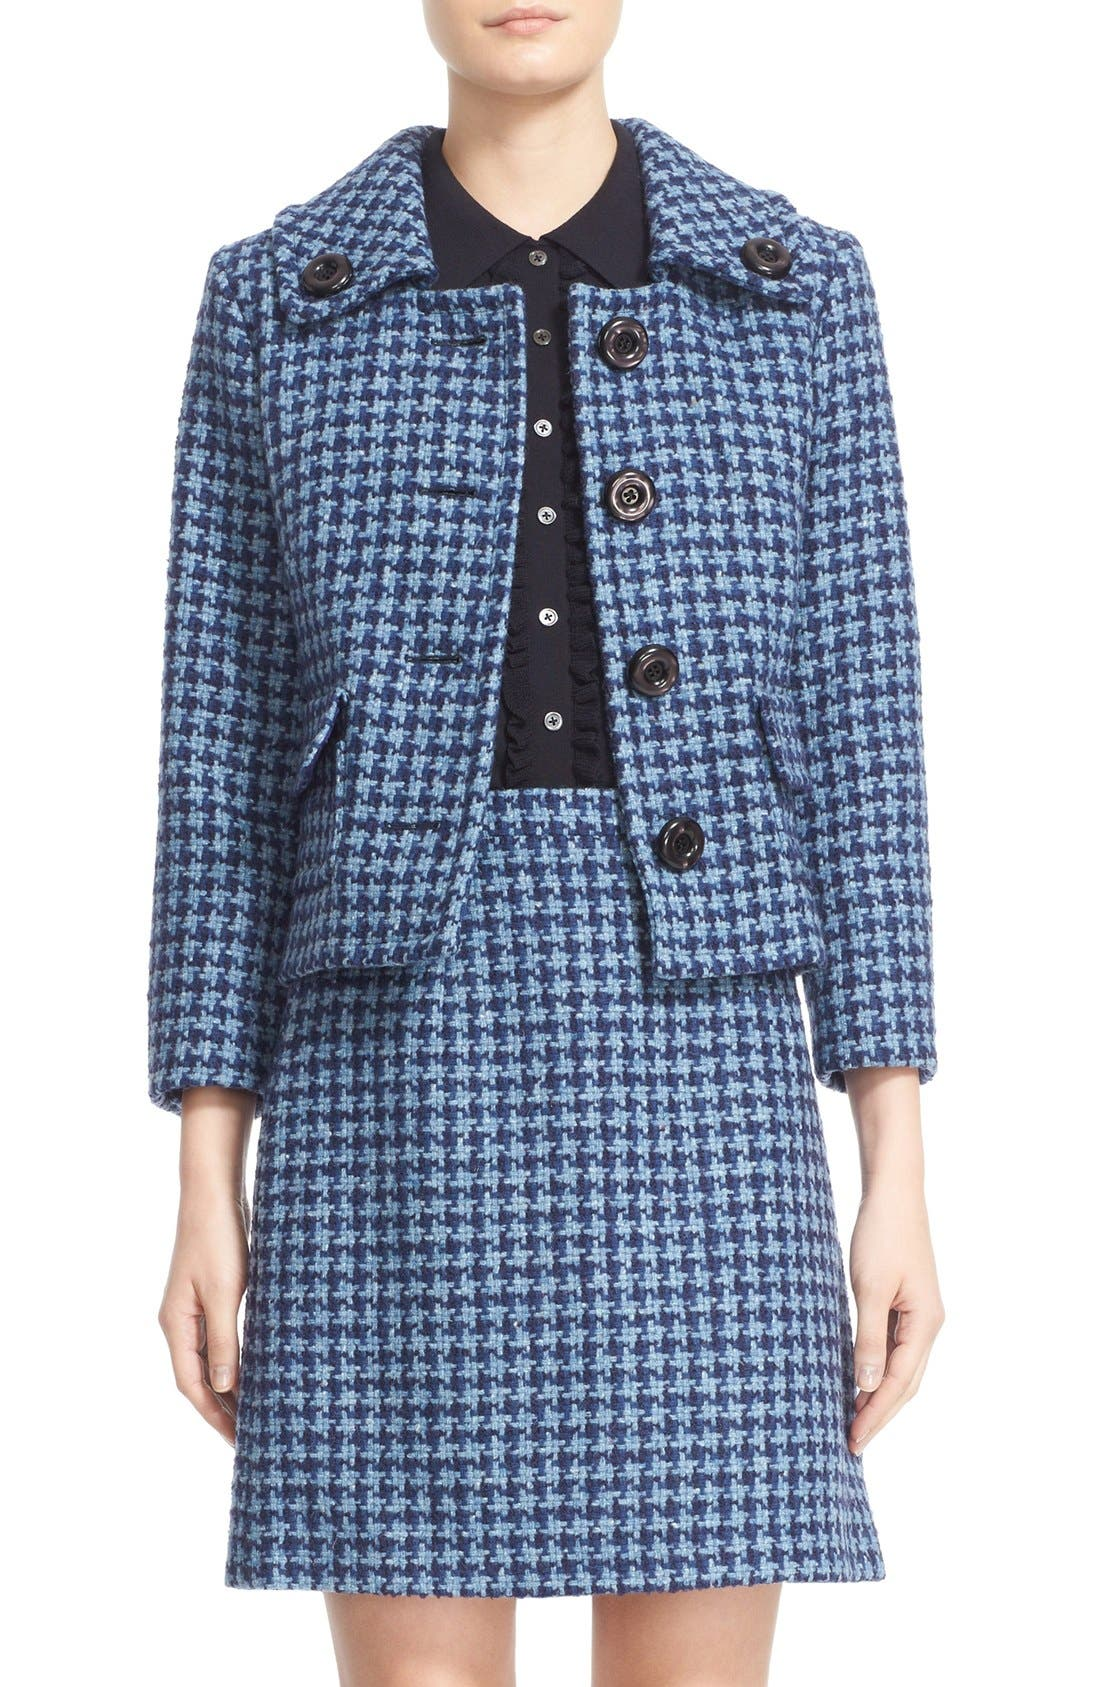 Alternate Image 1  - Michael Kors Houndstooth Tweed Jacket